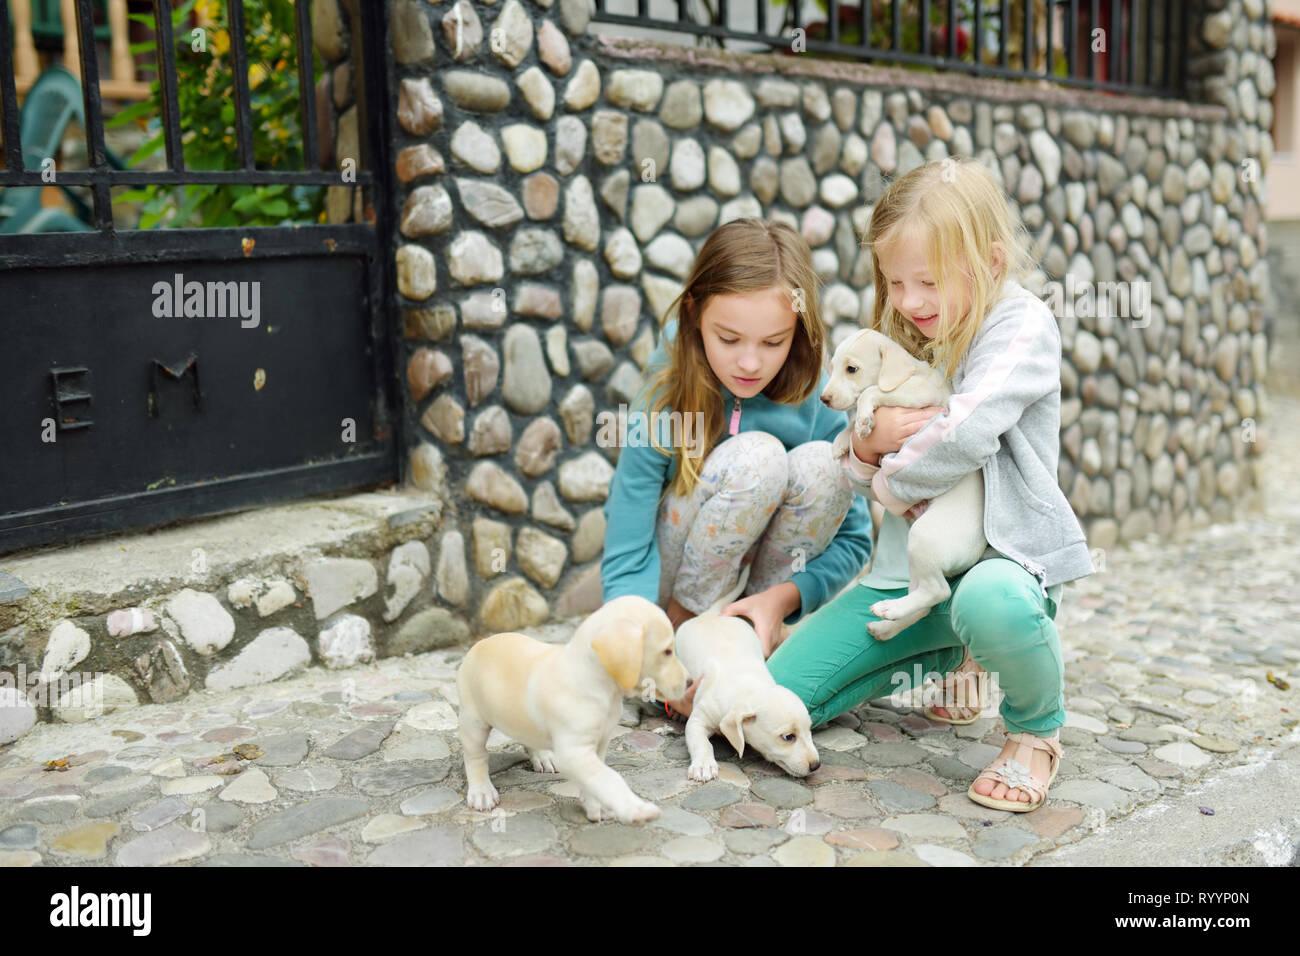 ea5e93be33d7 Dos hermanas jóvenes lindo celebrar pequeños cachorros blancos al aire  libre. Niños jugando con el